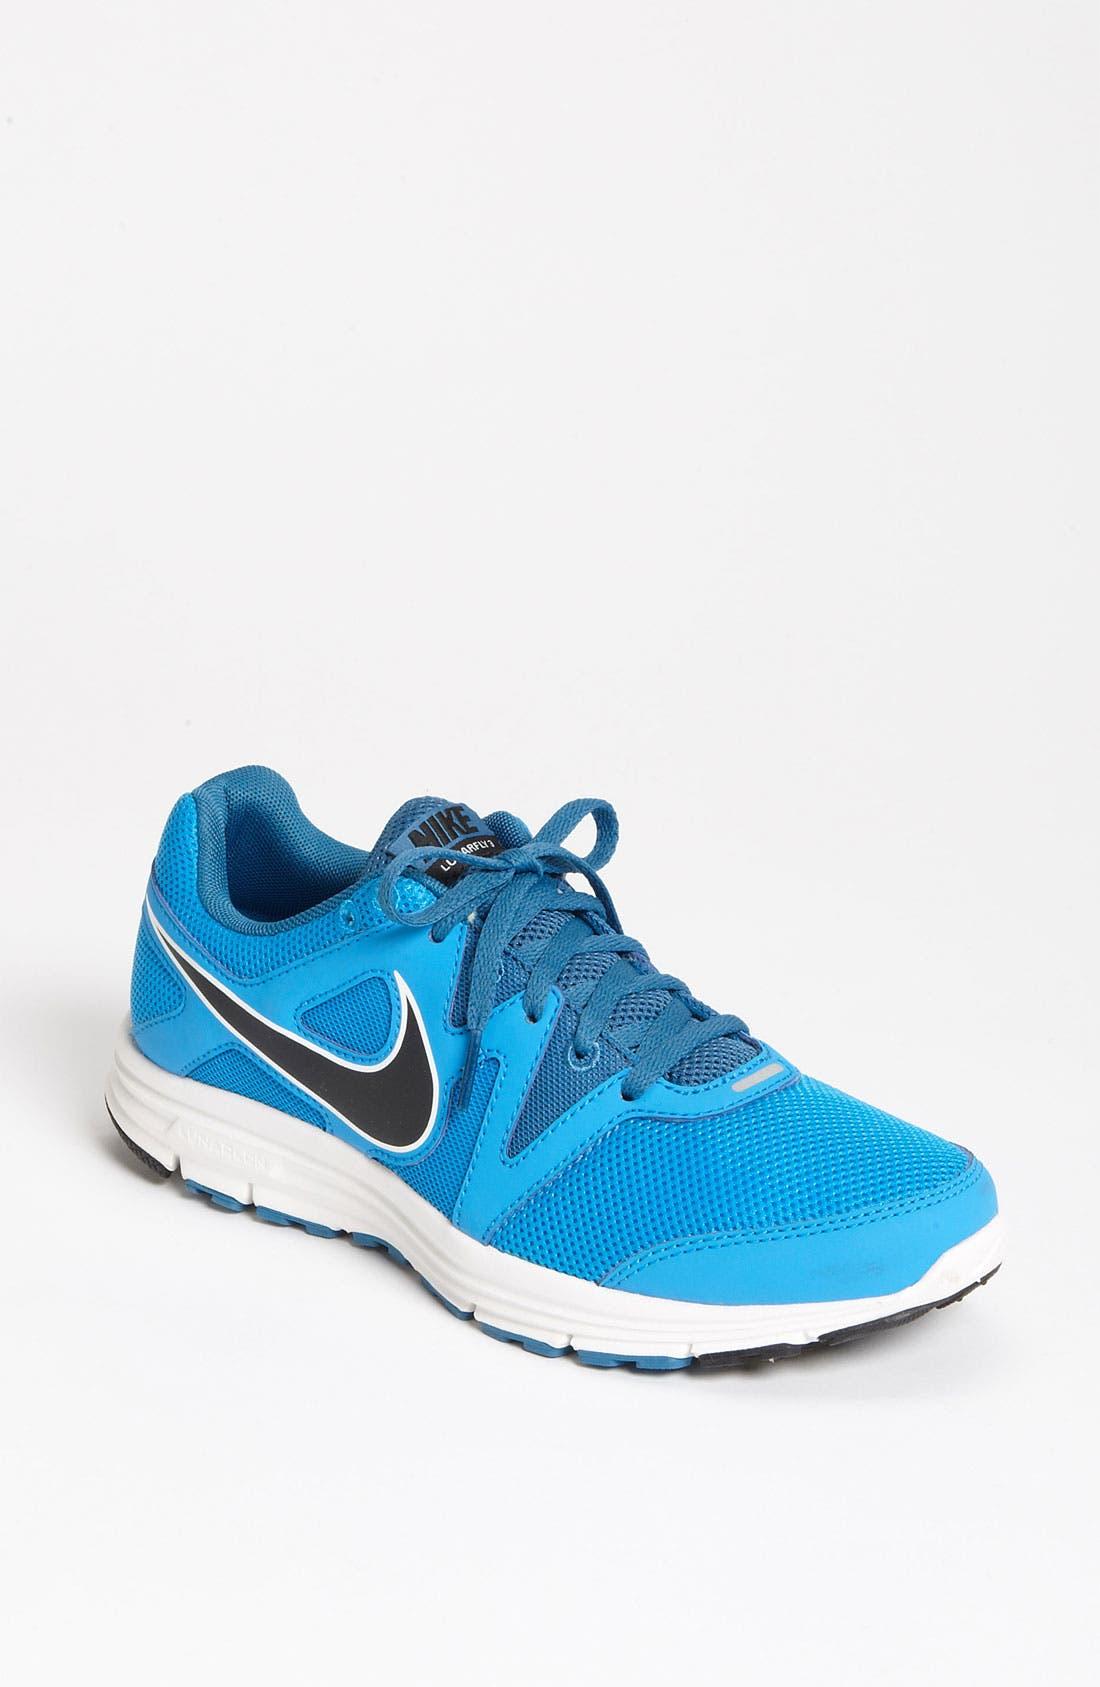 Main Image - Nike 'Lunarfly 3' Running Shoe (Women)